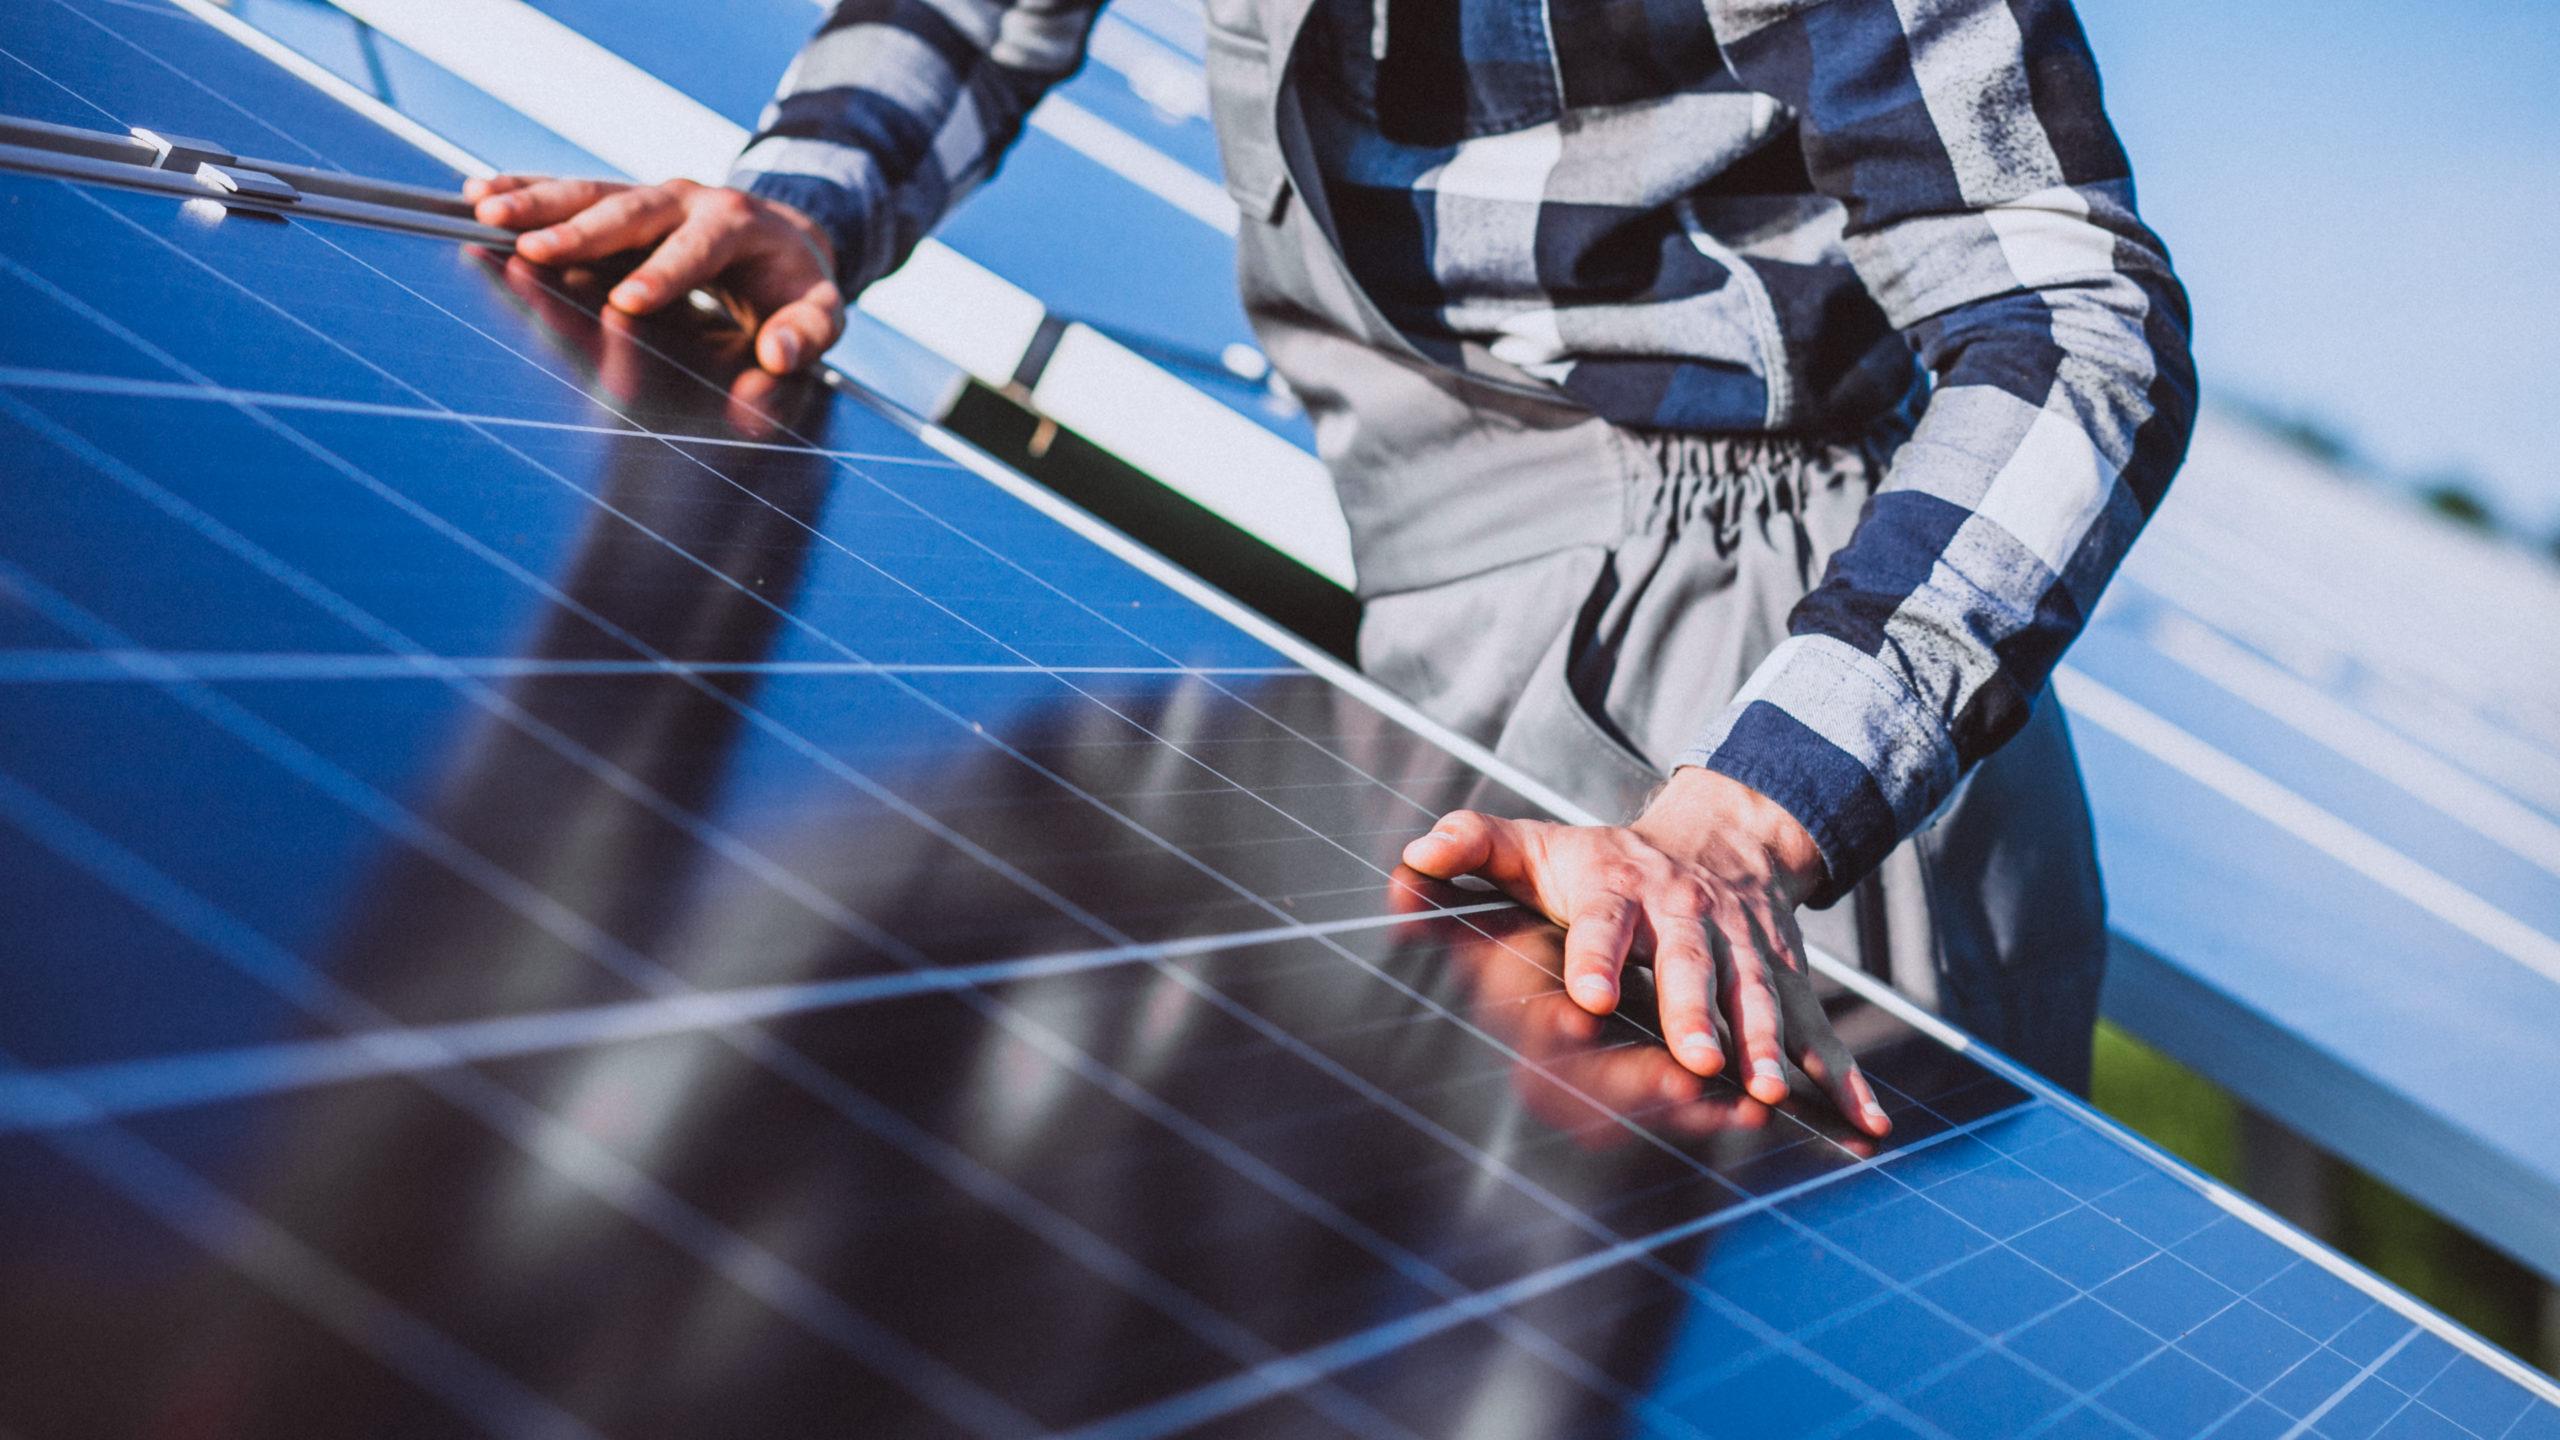 ENERGIA SOLAR SE MOSTRA EM FRANCO CRESCIMENTO E REPRESENTA UMA SAÍDA PARA O FUTURO